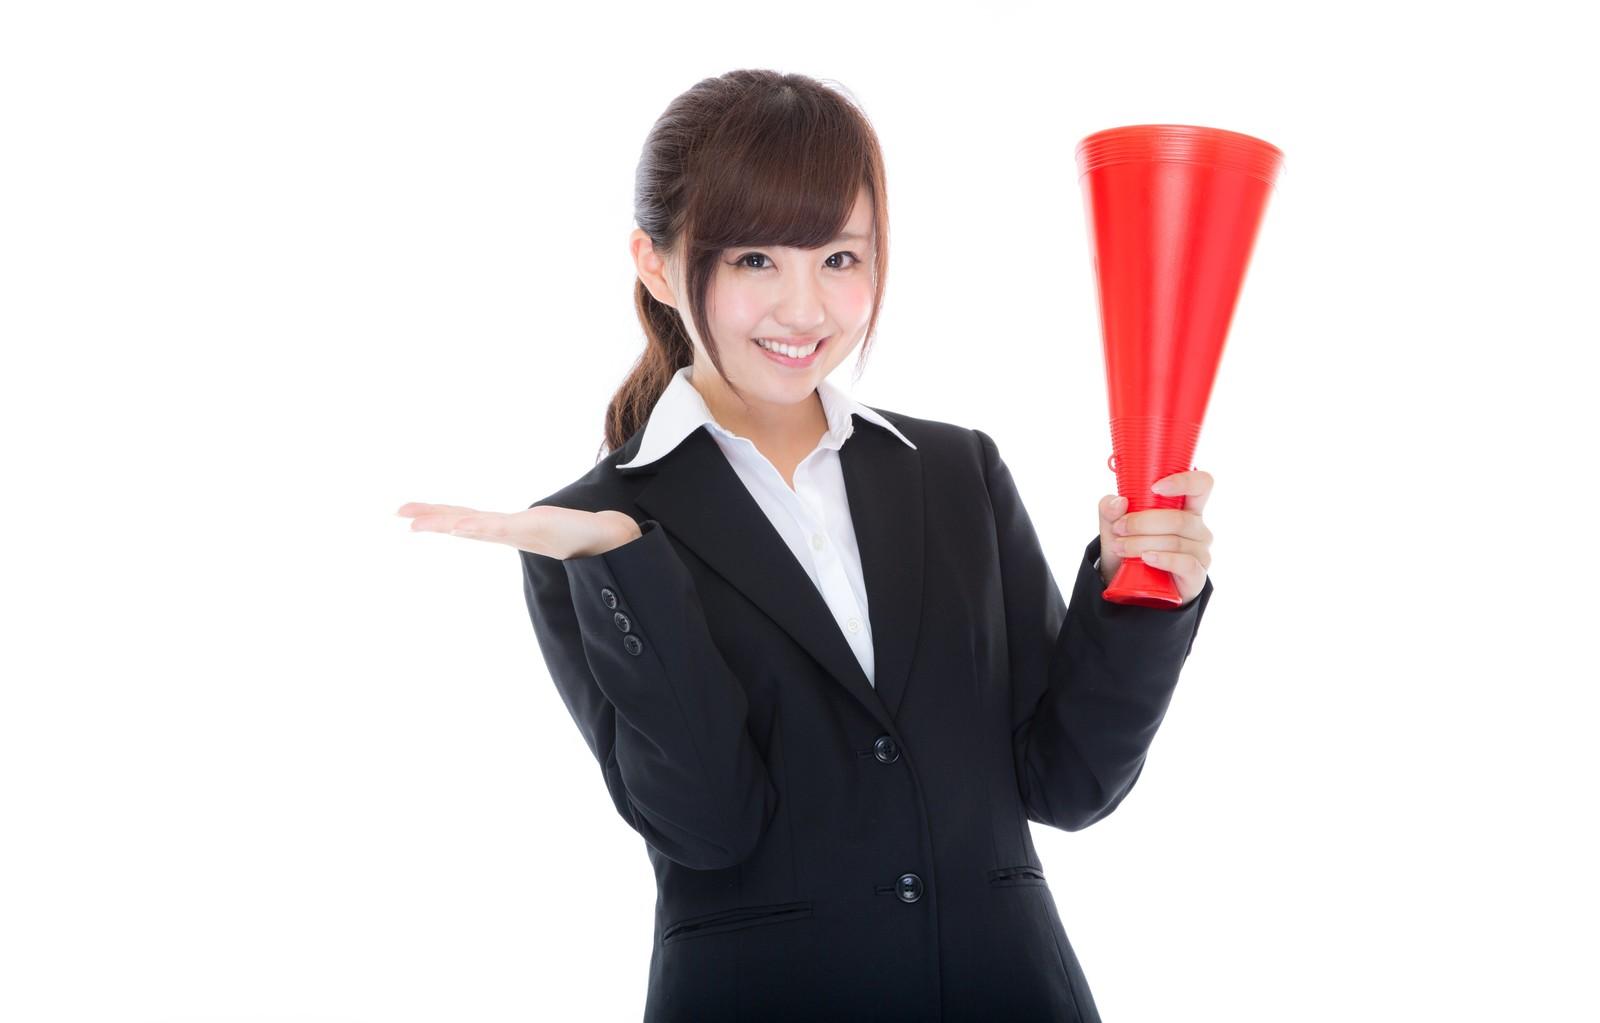 第二新卒・既卒からの就職活動はどう進めるべき?知っておきたいおすすめサービスも紹介